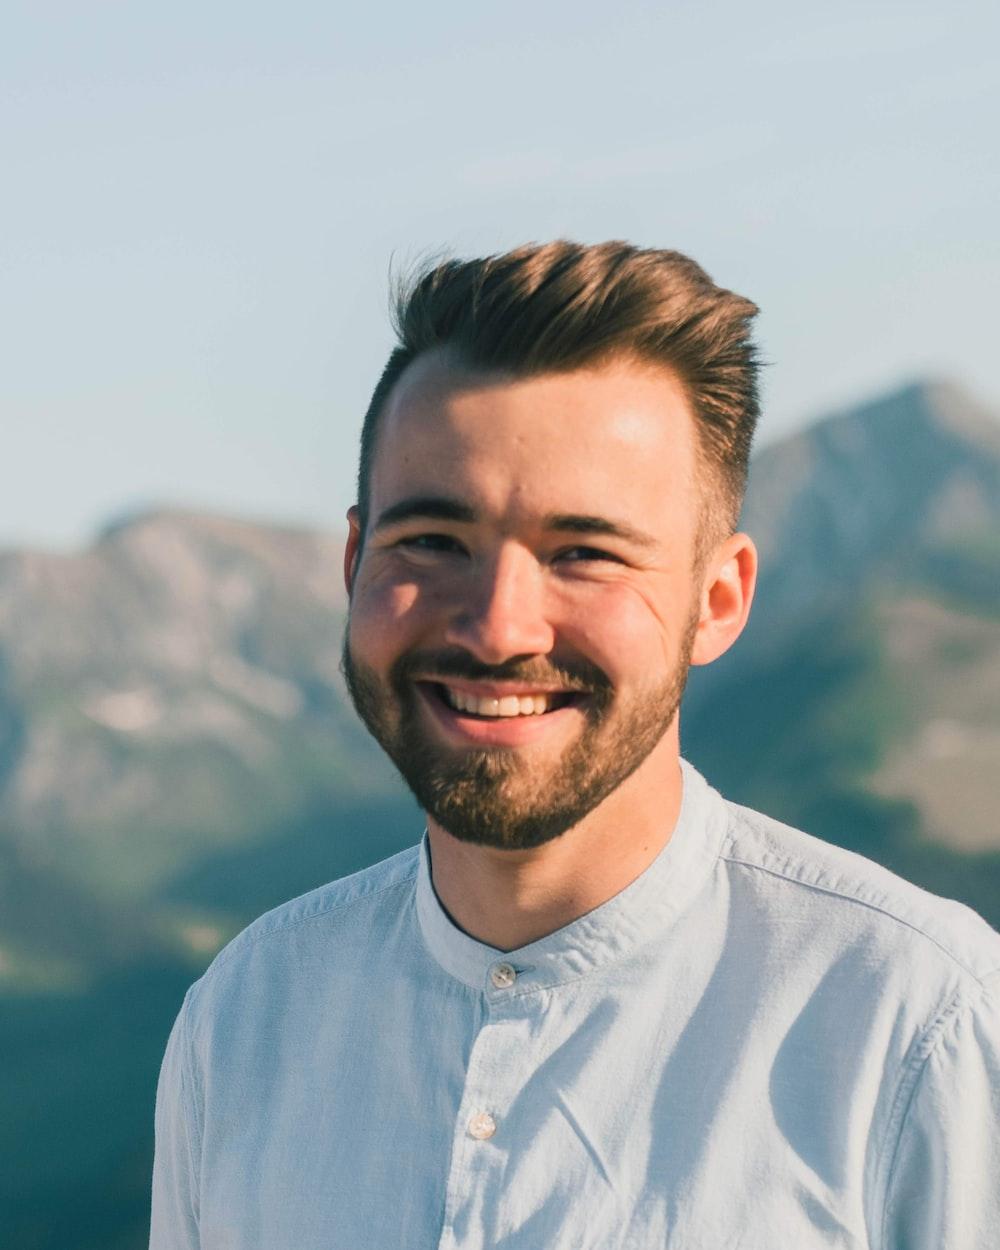 man in white dress shirt smiling